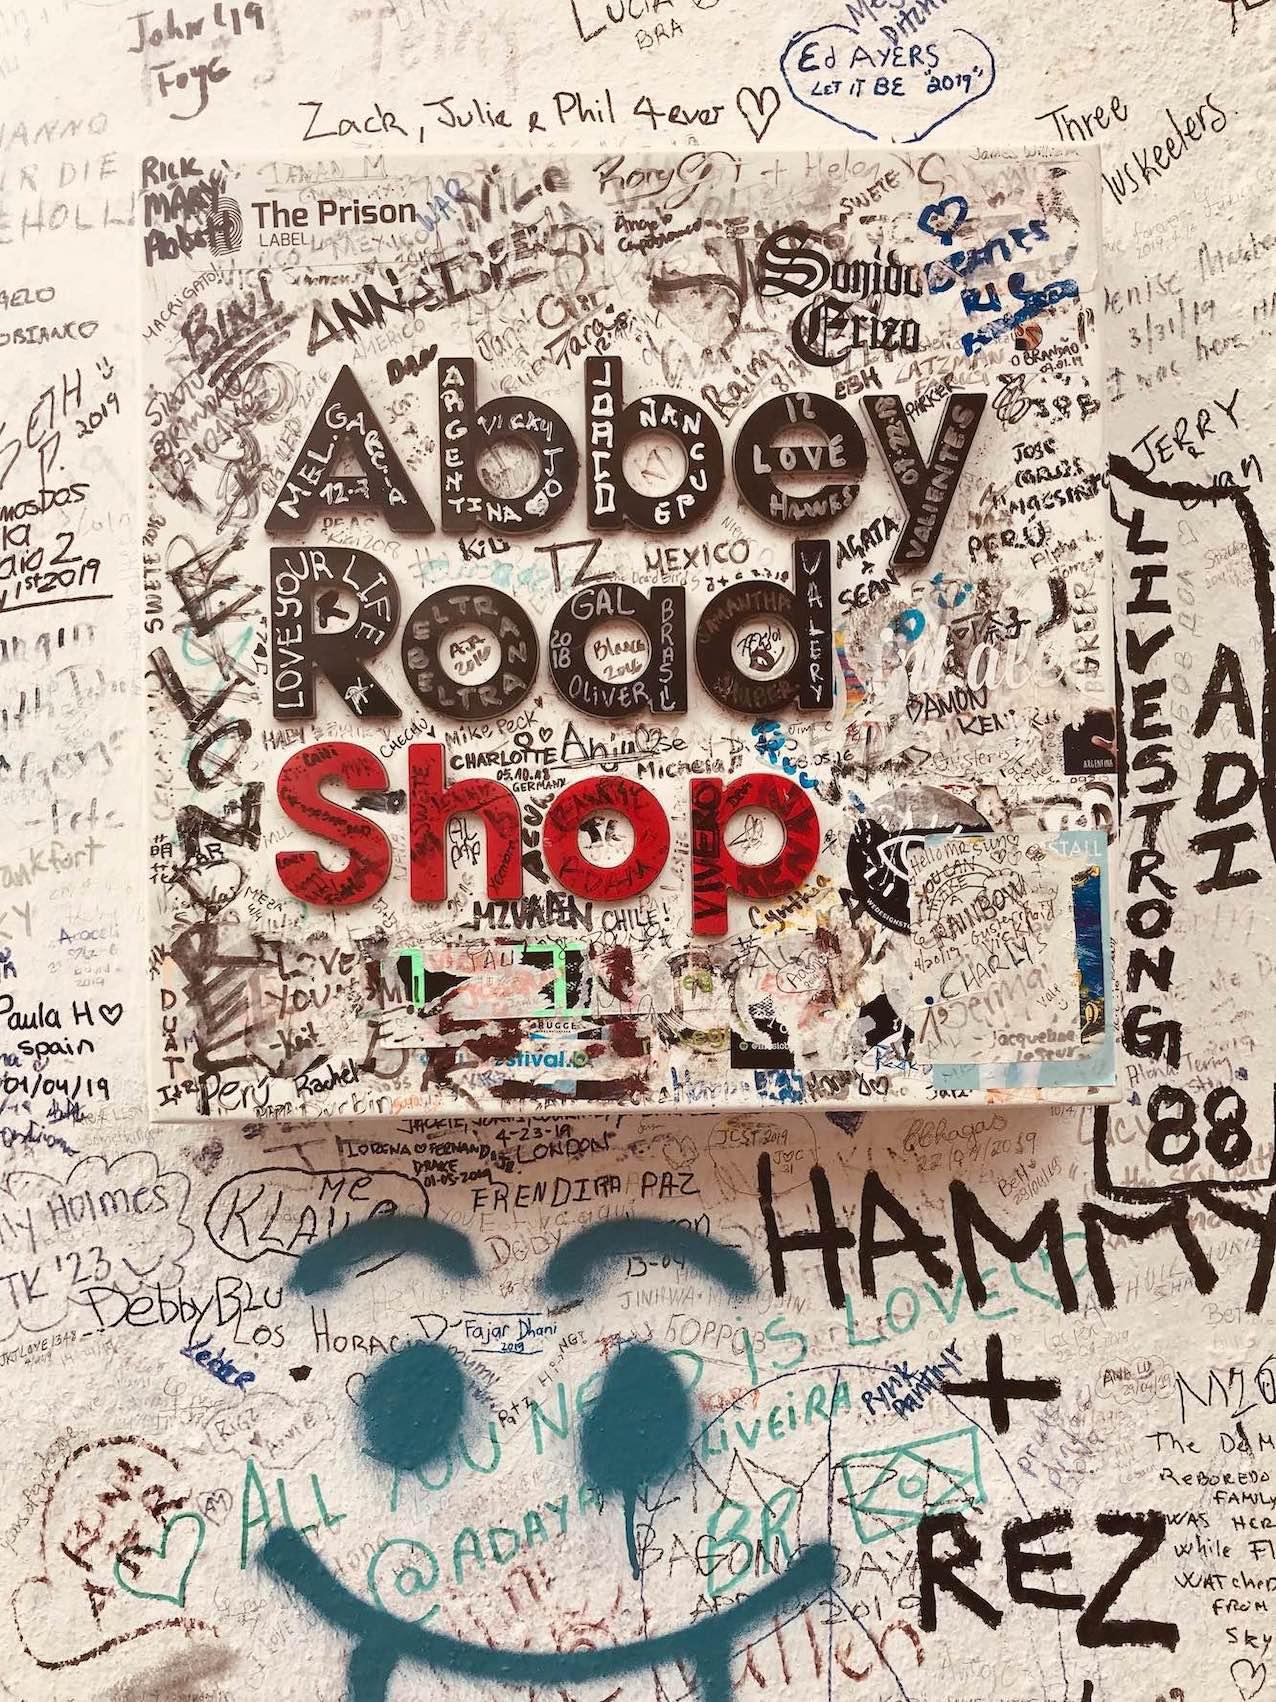 Abbey Road Shop in London.